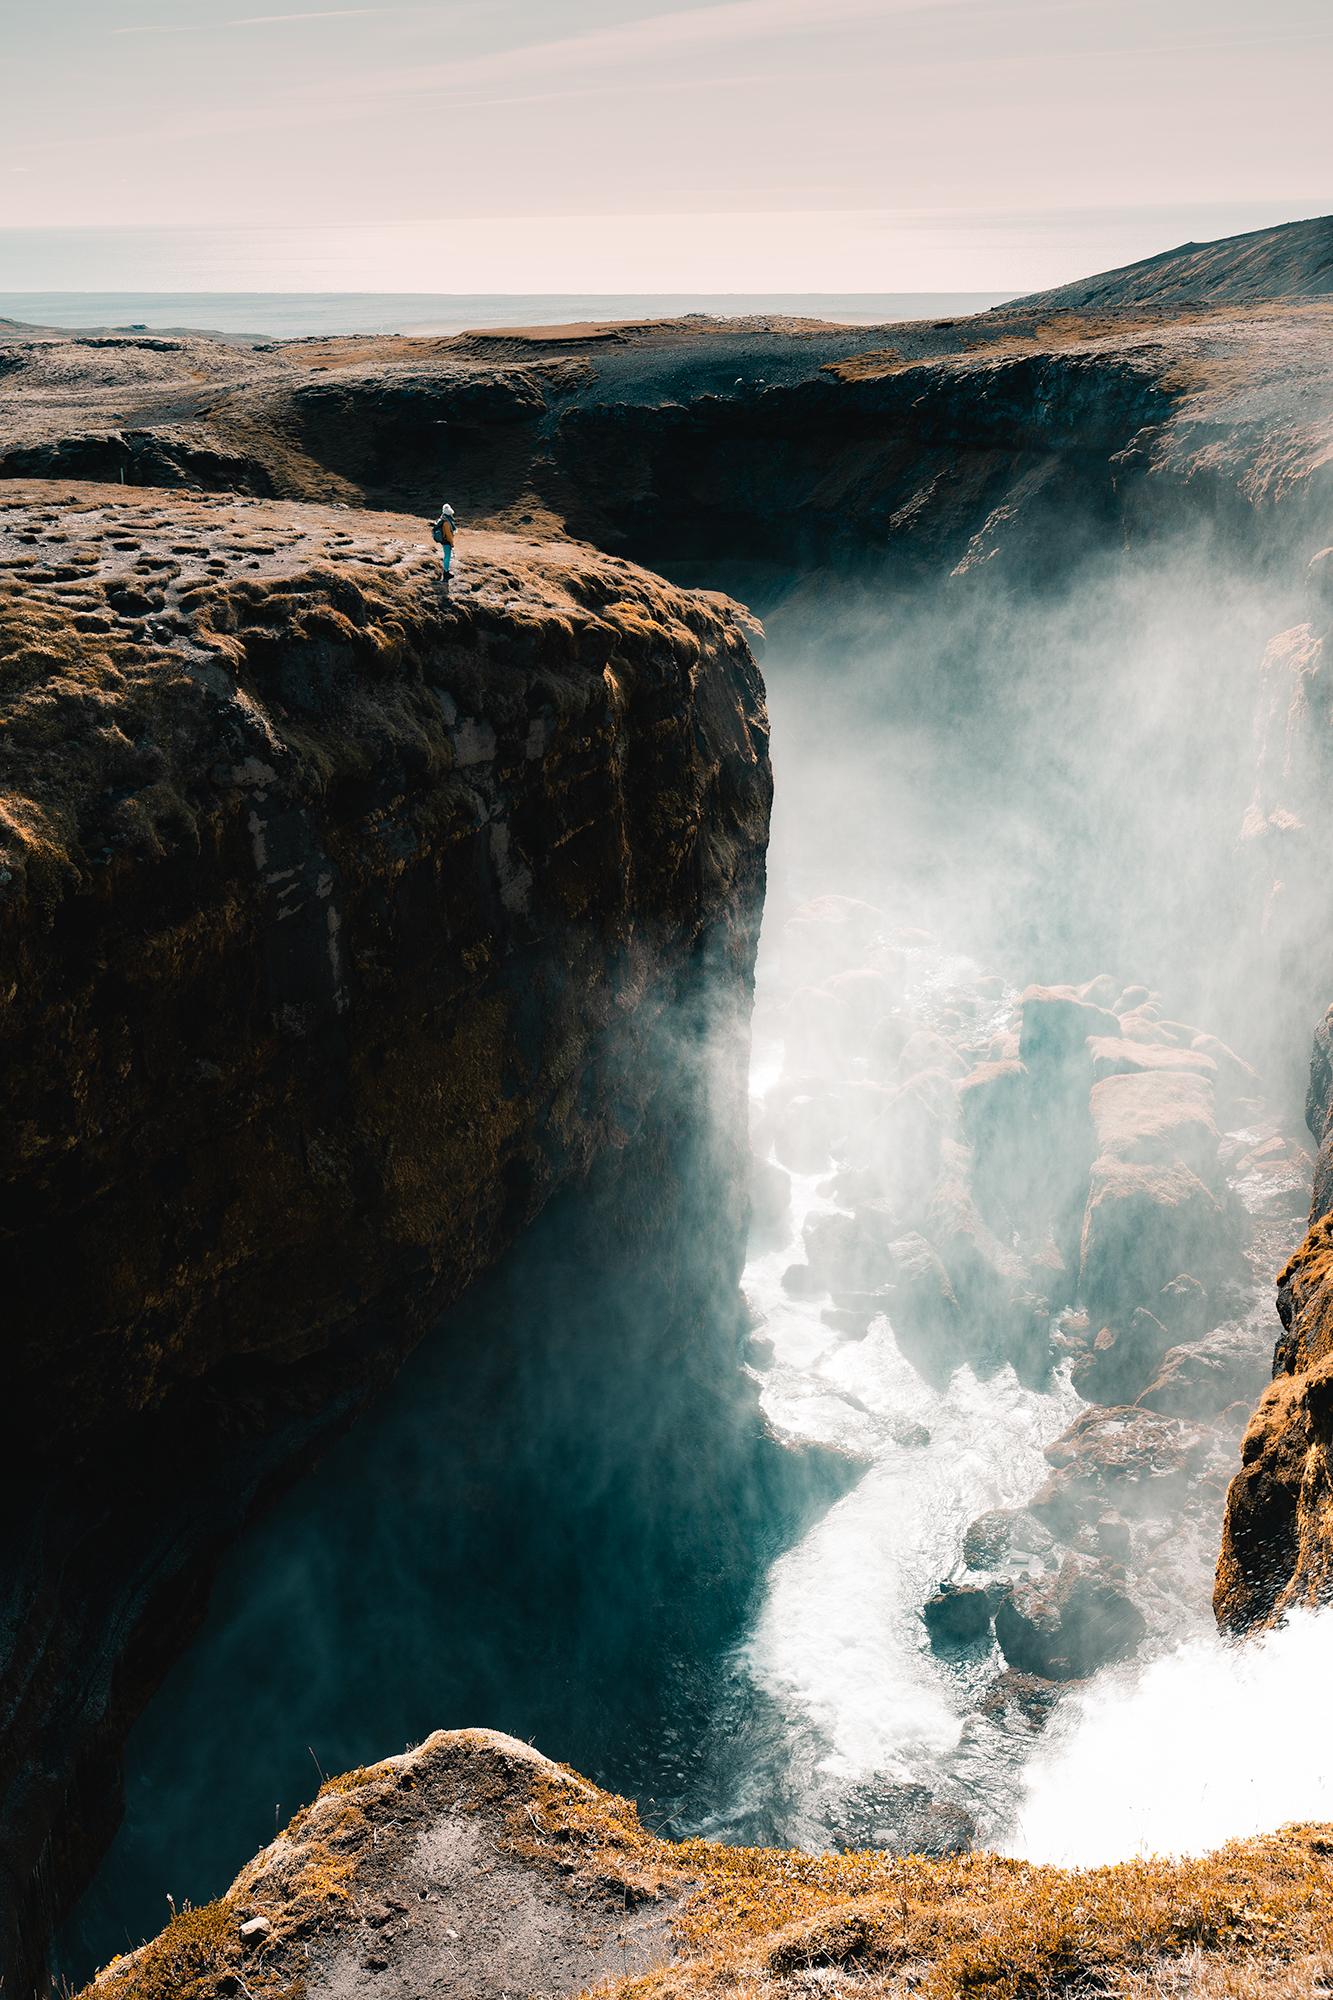 Skogafoss - Island, tiefe Schlucht mit tosendem Zufluss für den Wasserfall